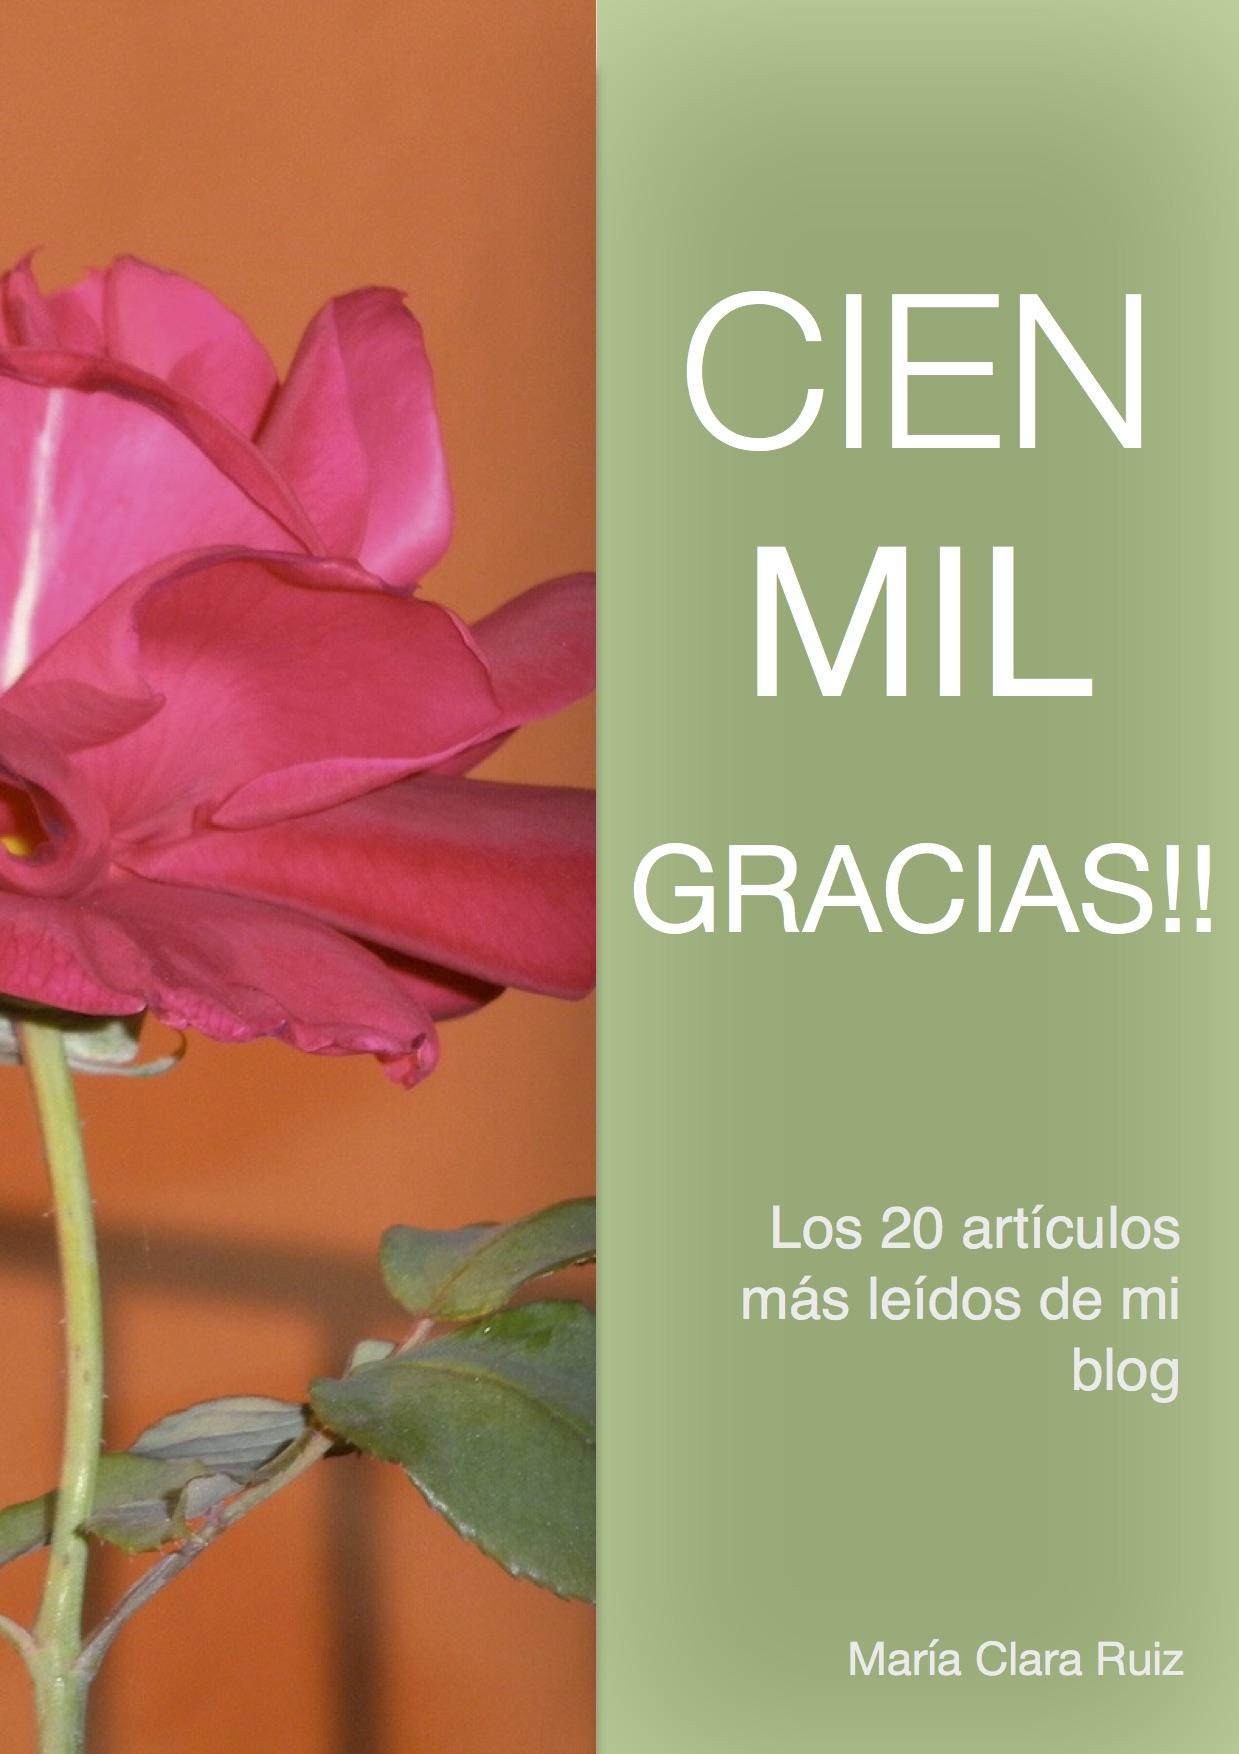 artículos-blog-psicologa-maria-clara-ruiz-valencia-denia